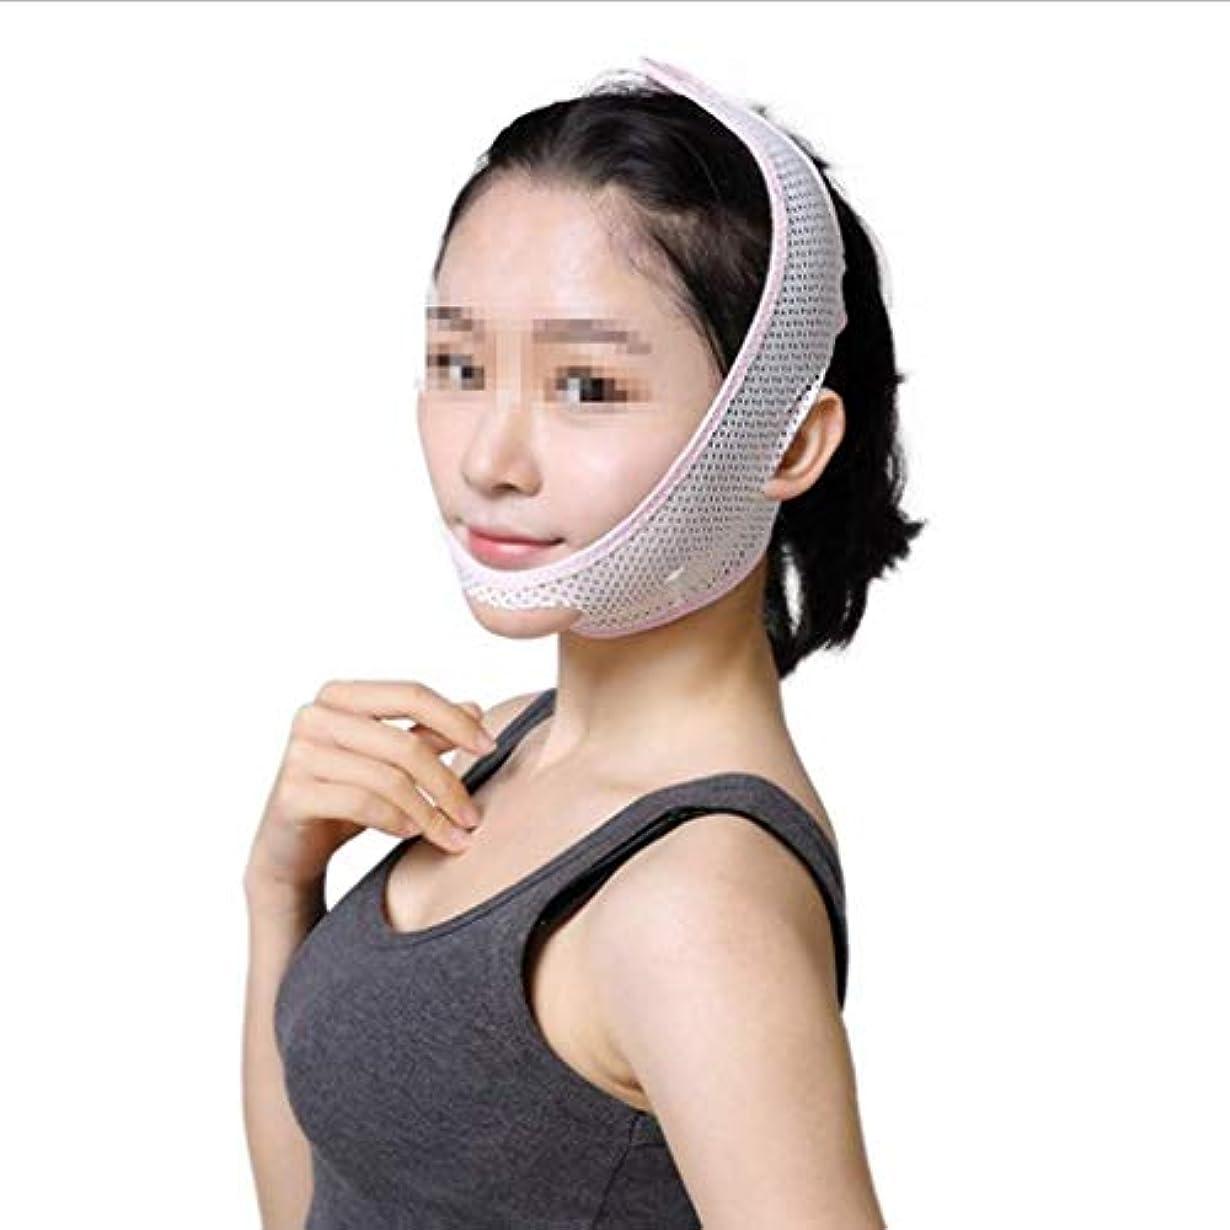 超薄型通気性フェイスマスク、包帯Vフェイスマスクフェイスリフティングファーミングダブルチンシンフェイスベルト(サイズ:M),ザ?